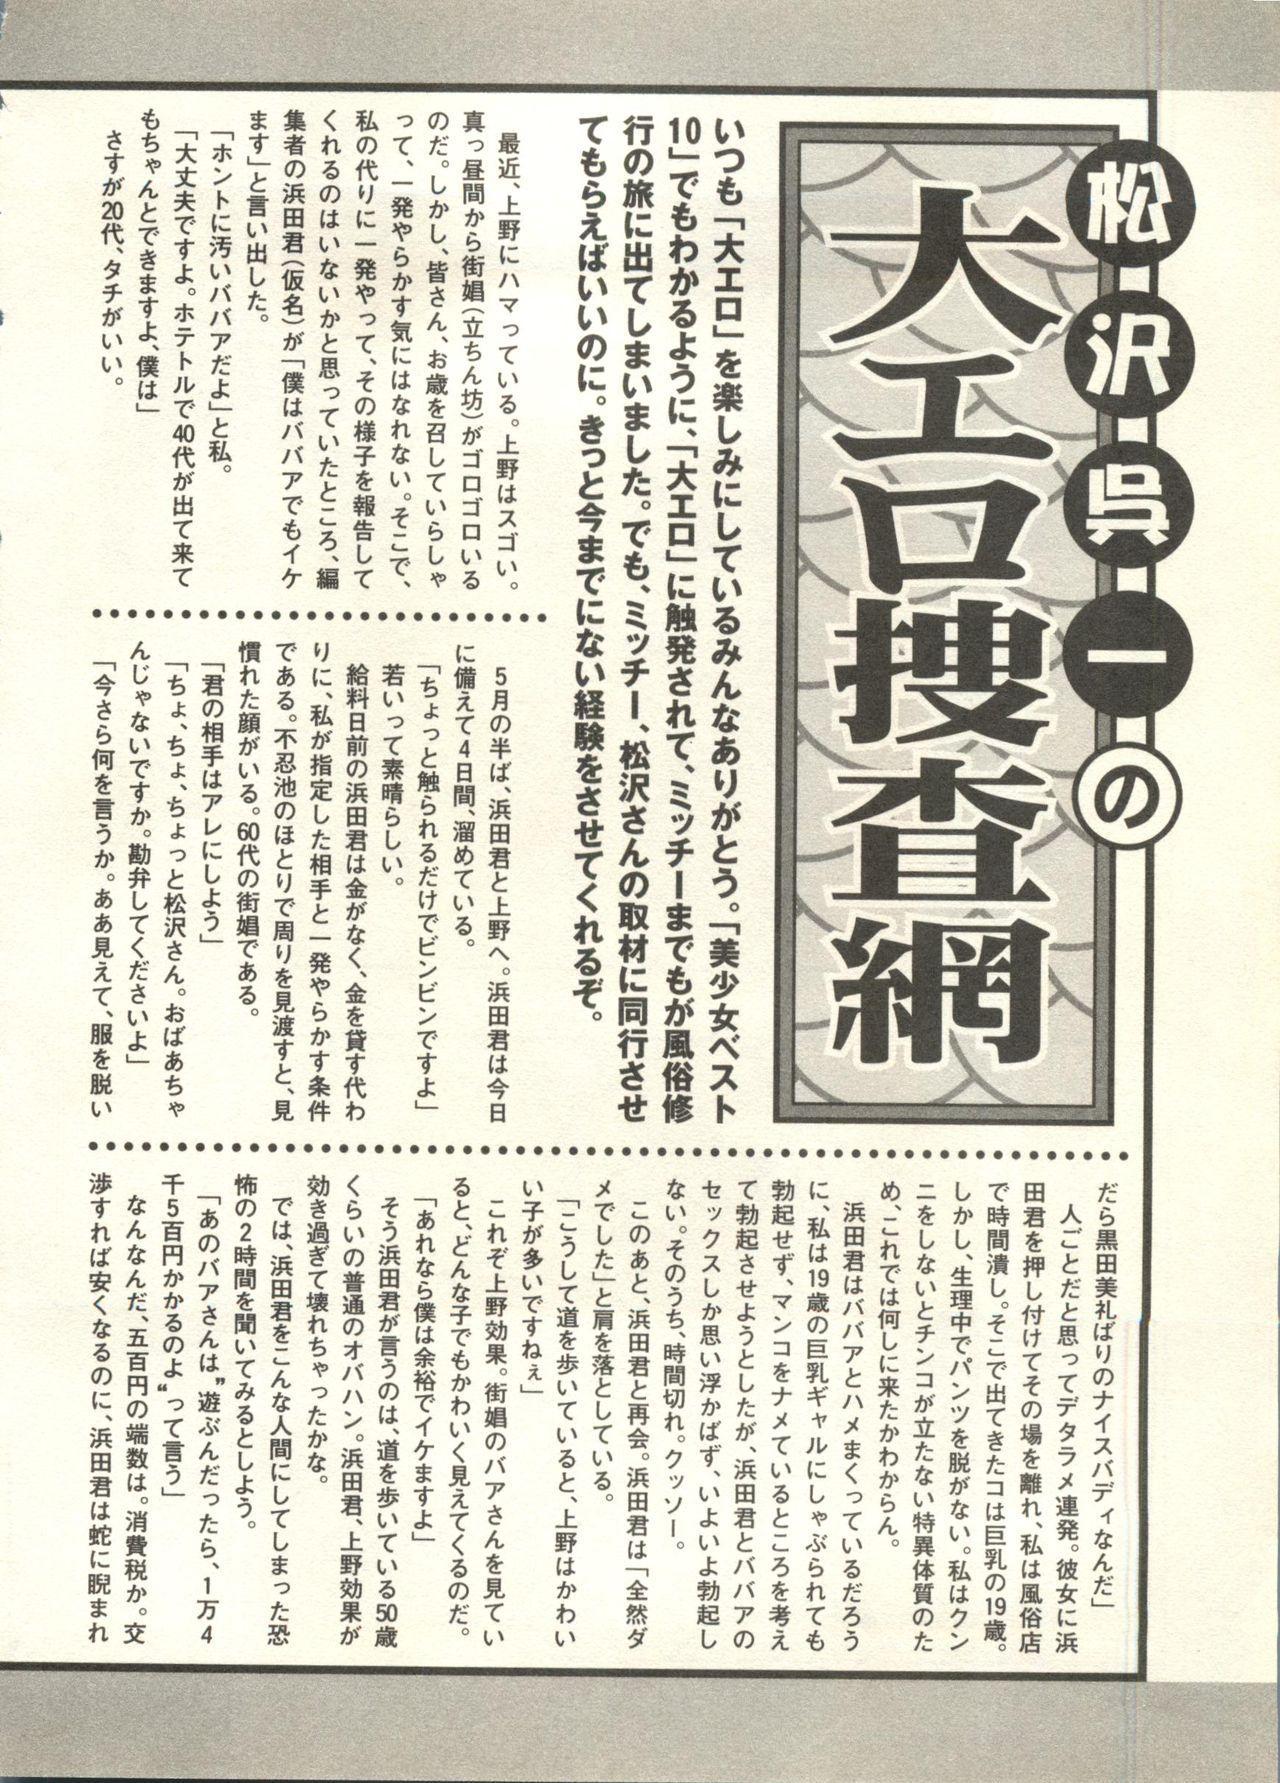 Pai;kuu 1998 July Vol. 11 196